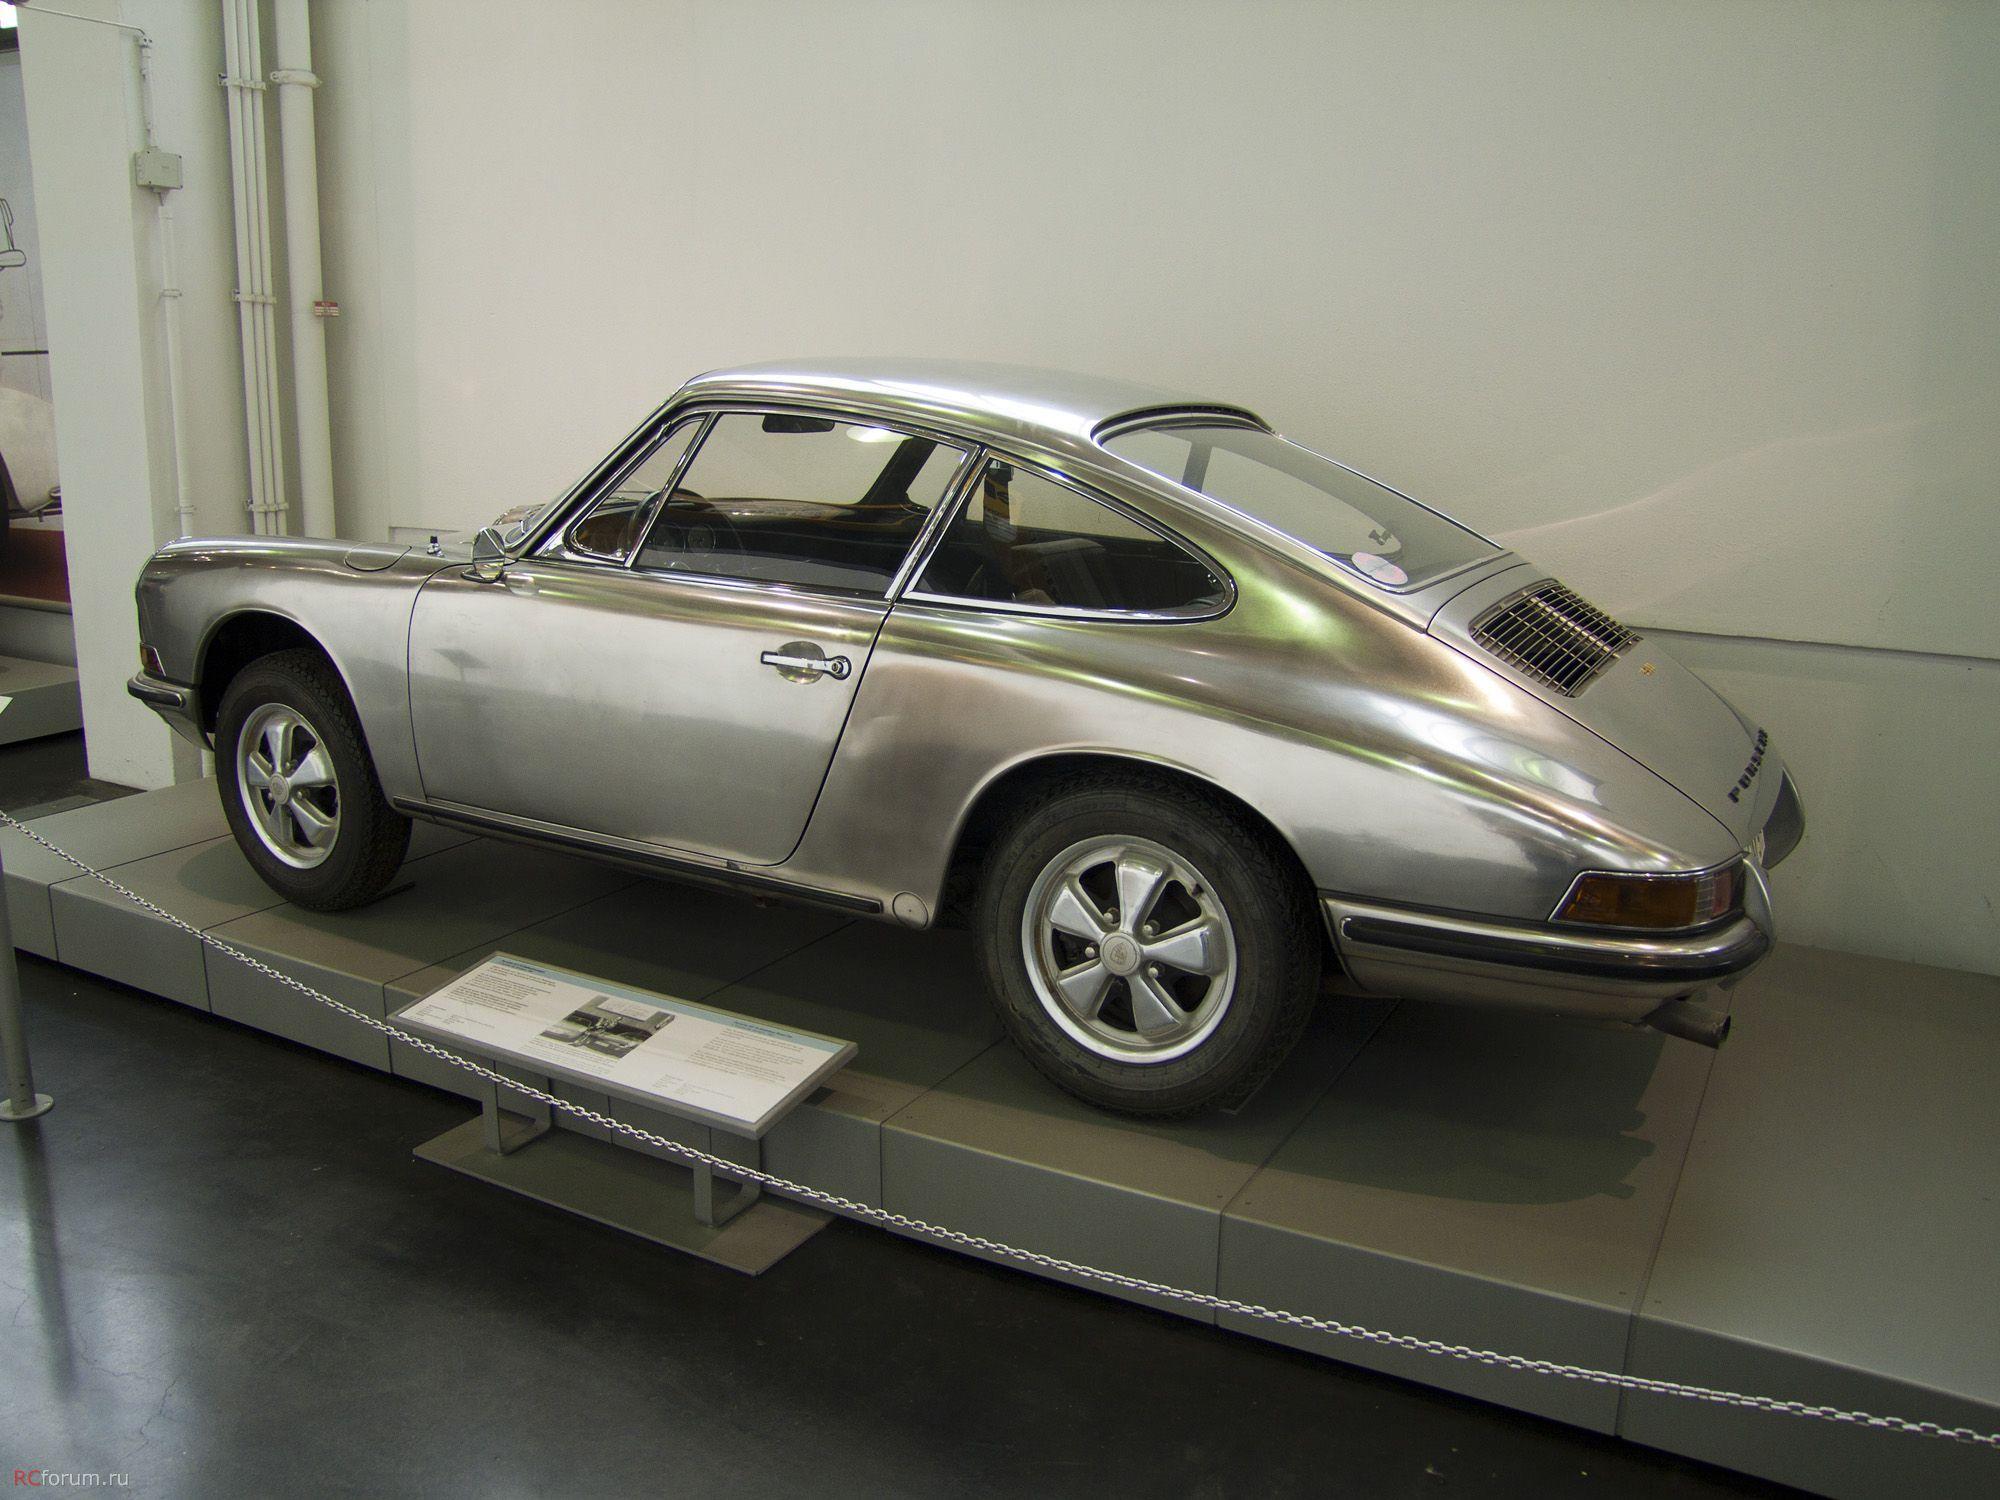 Porsche 911 S Stainless Steel Car 1967 Porsche Cars History